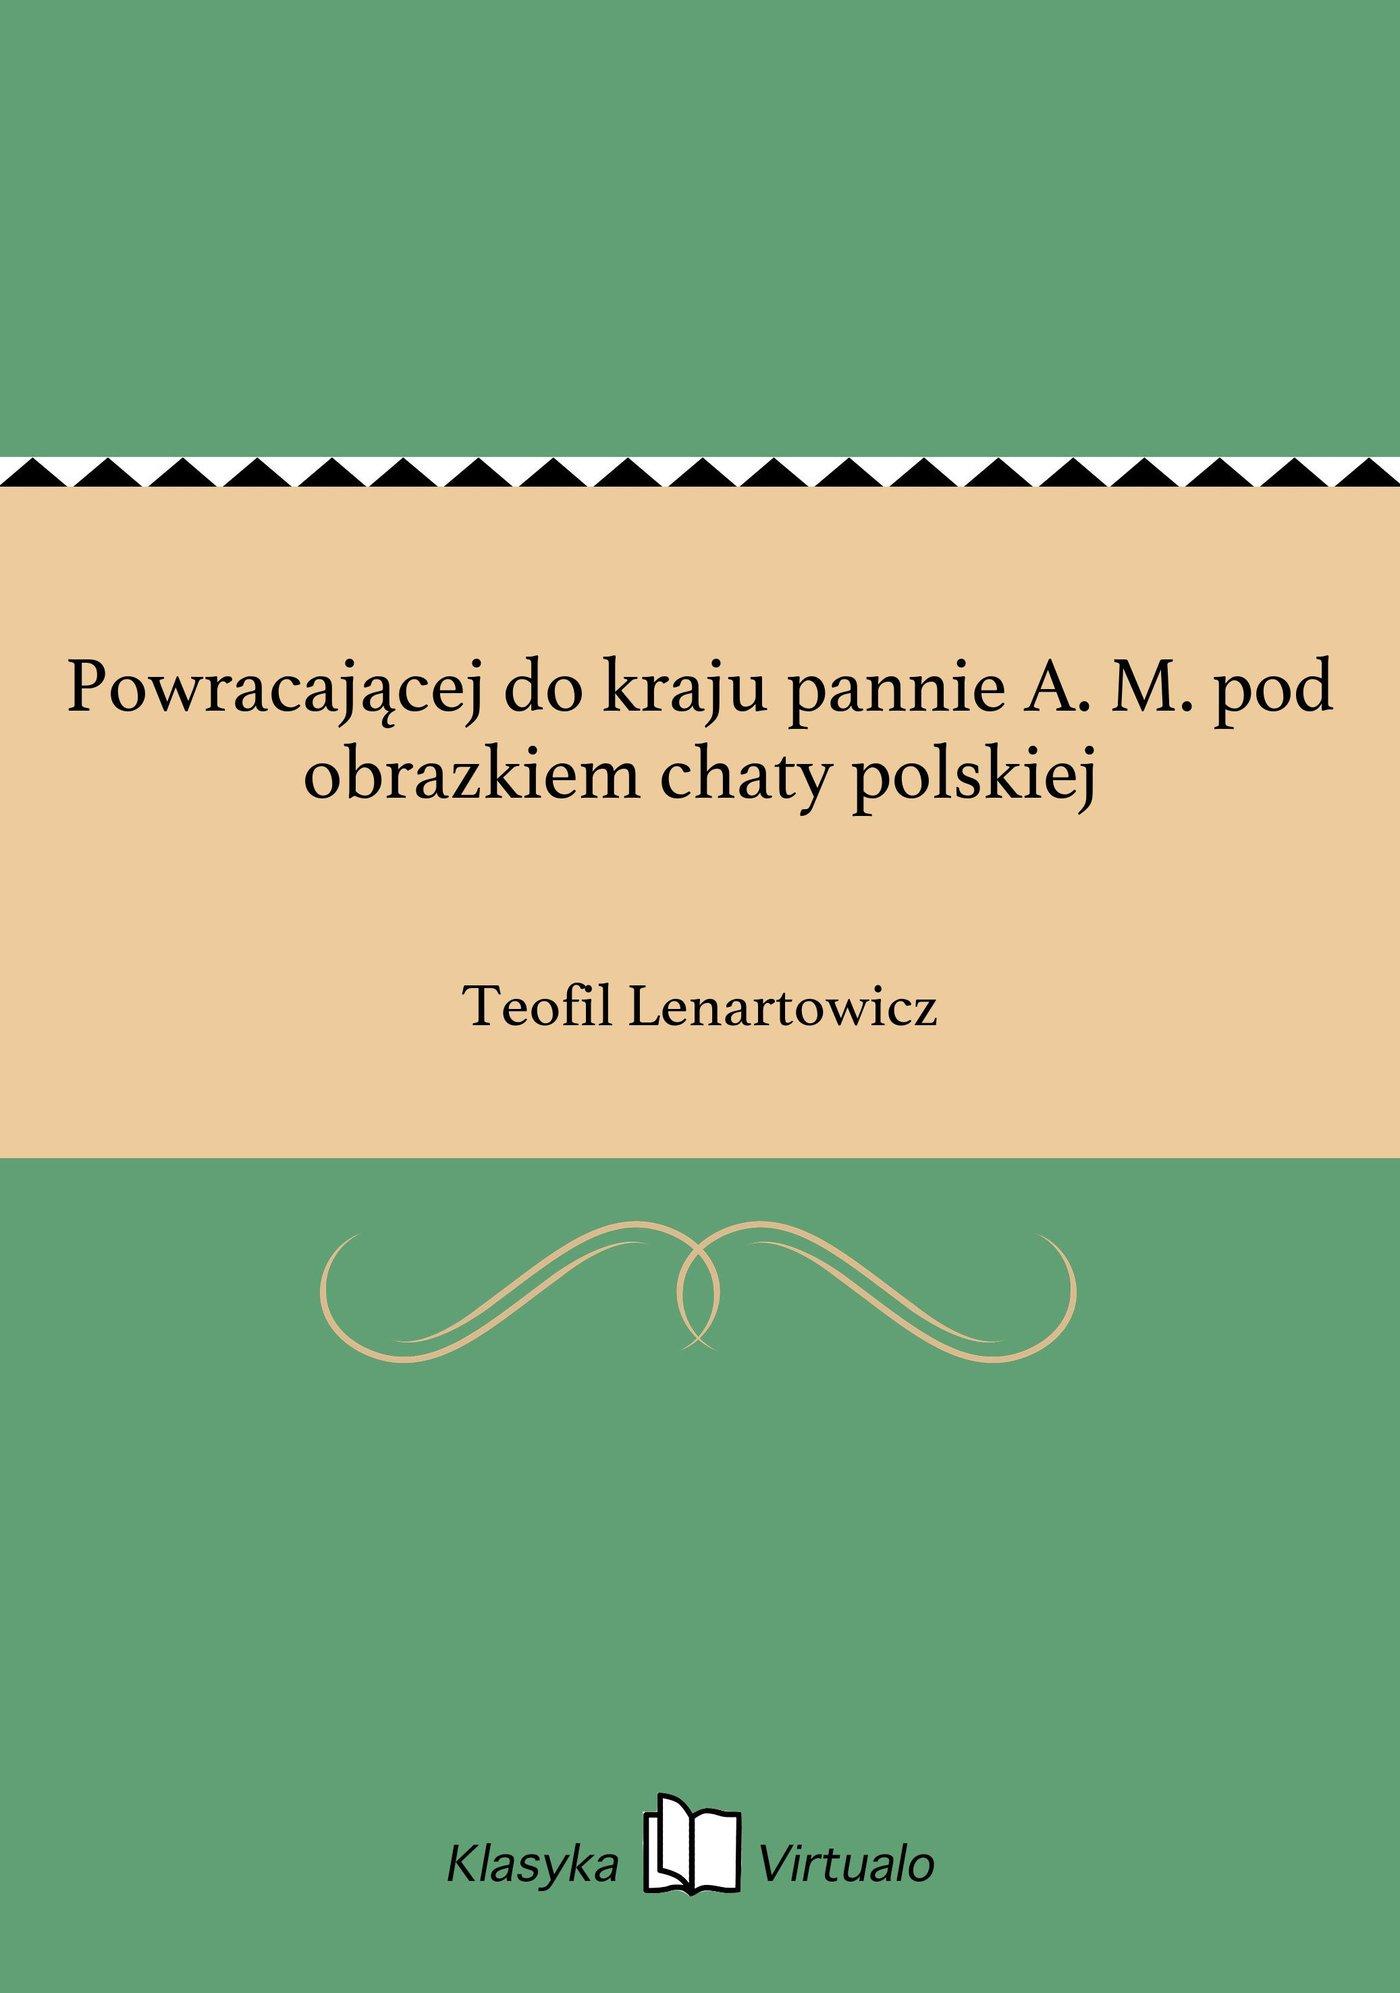 Powracającej do kraju pannie A. M. pod obrazkiem chaty polskiej - Ebook (Książka EPUB) do pobrania w formacie EPUB